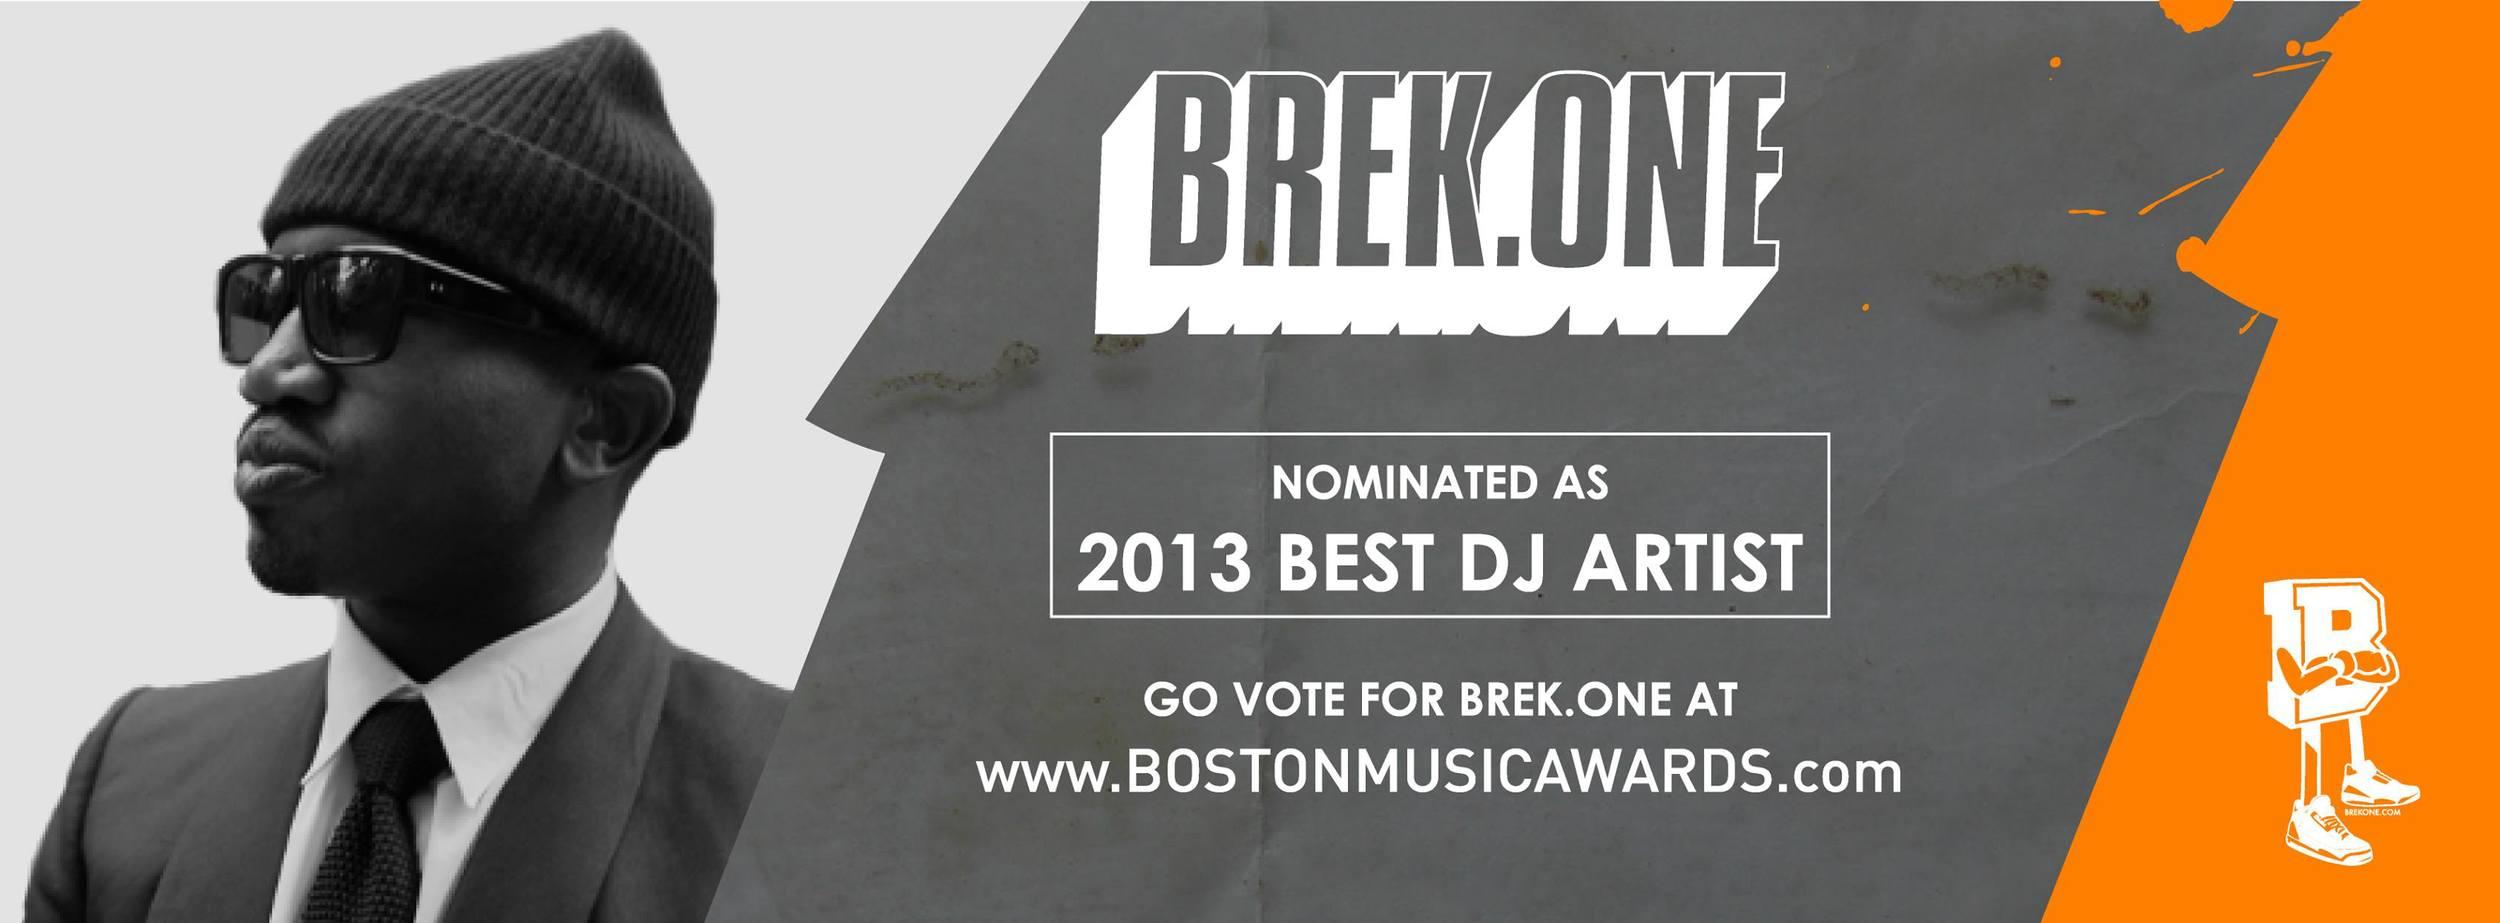 FB DJ Nomination Header.jpg